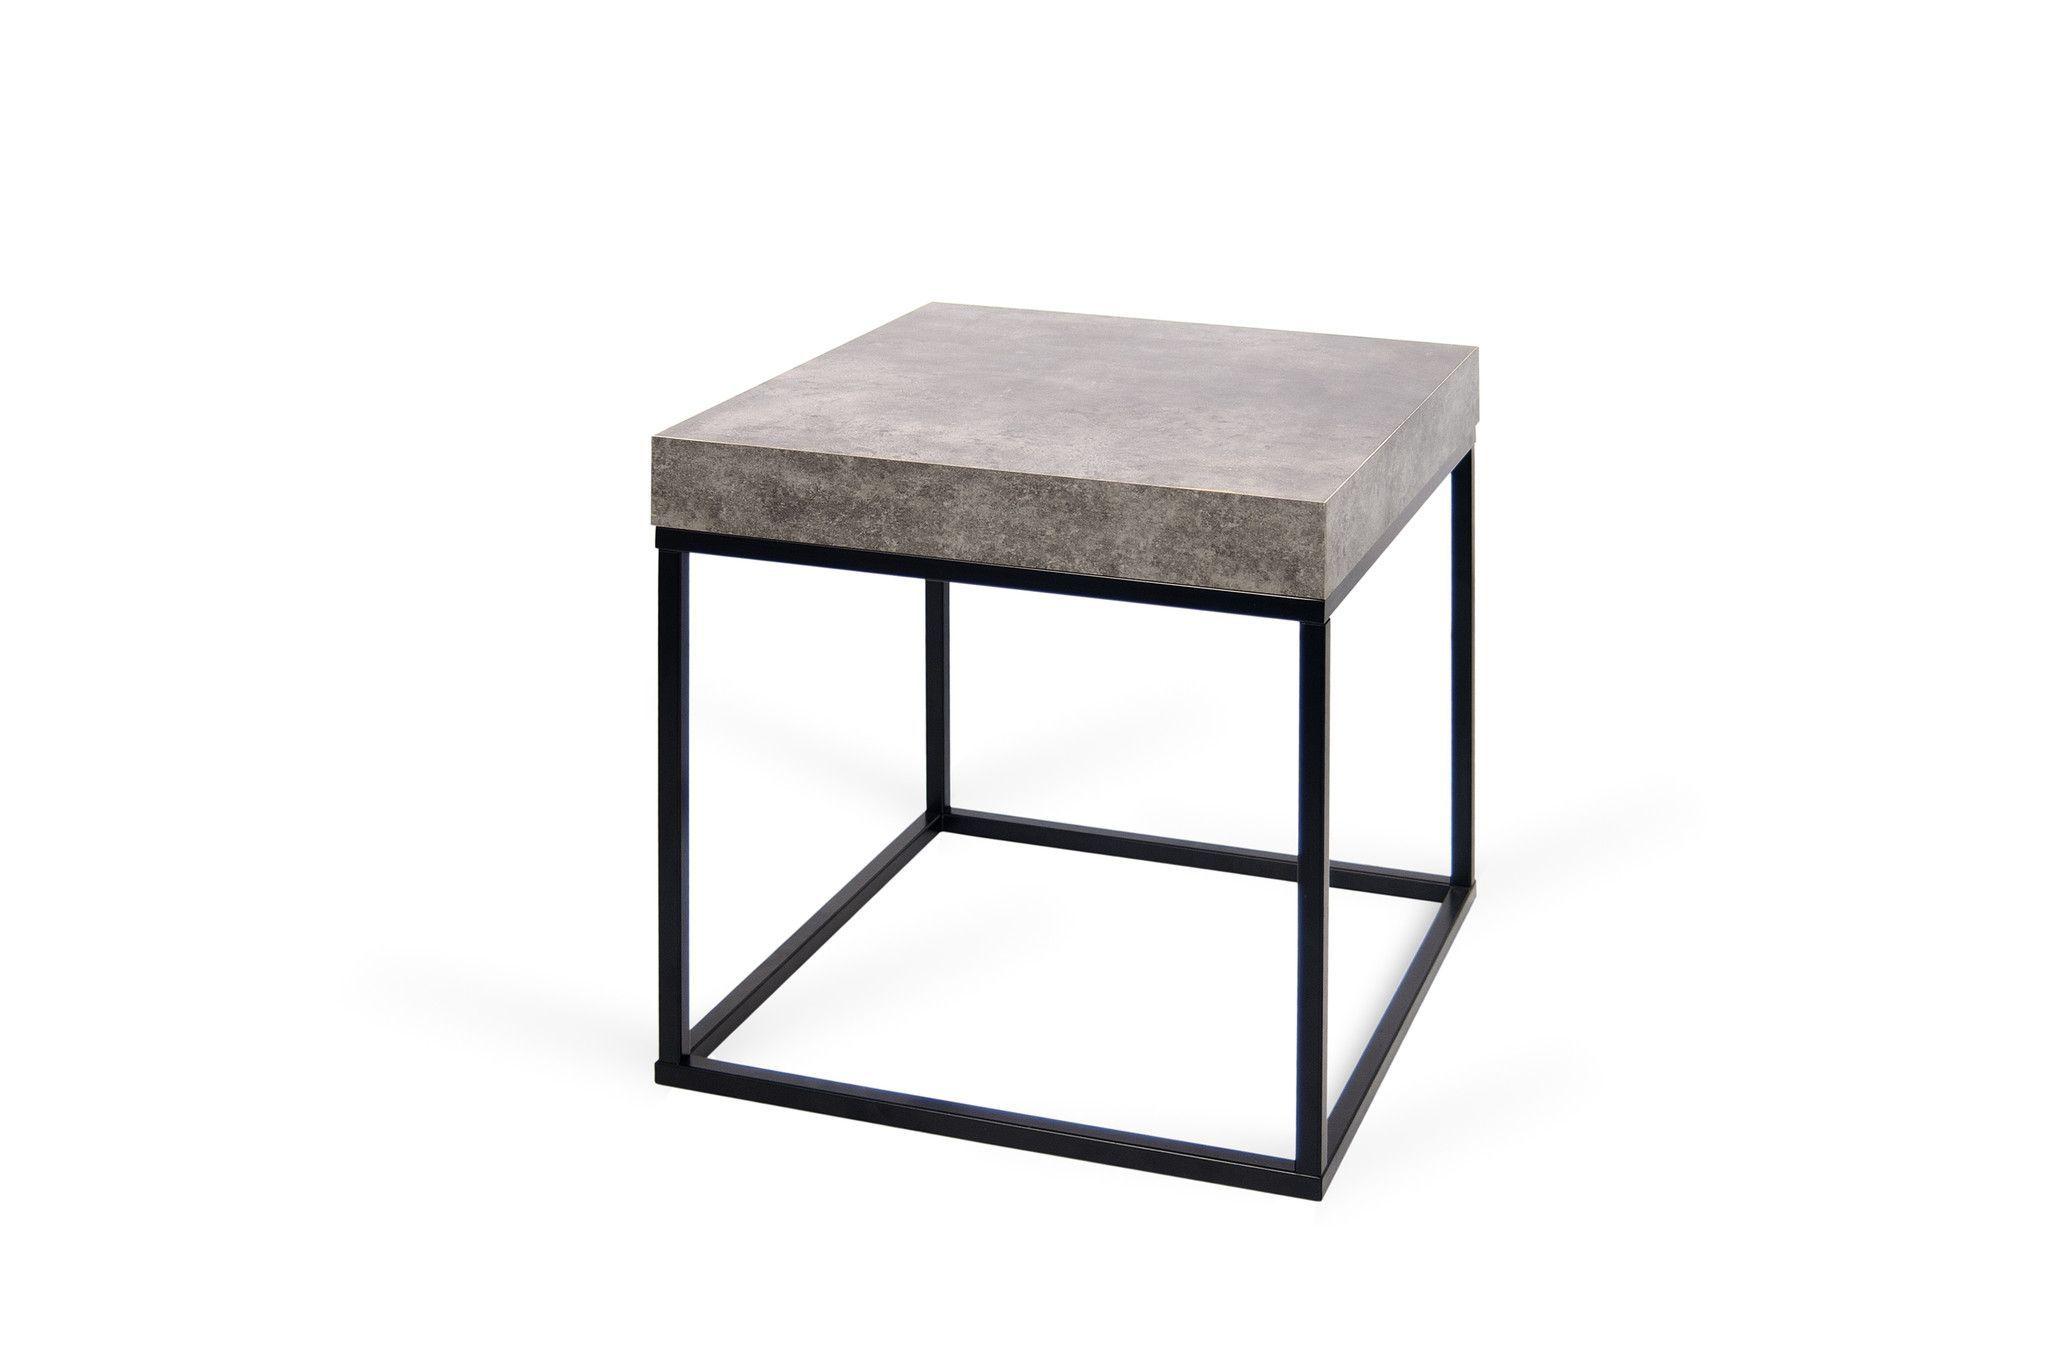 Petra End Table Faux Concrete Top Black Legs Contemporary End Tables Side Table End Tables